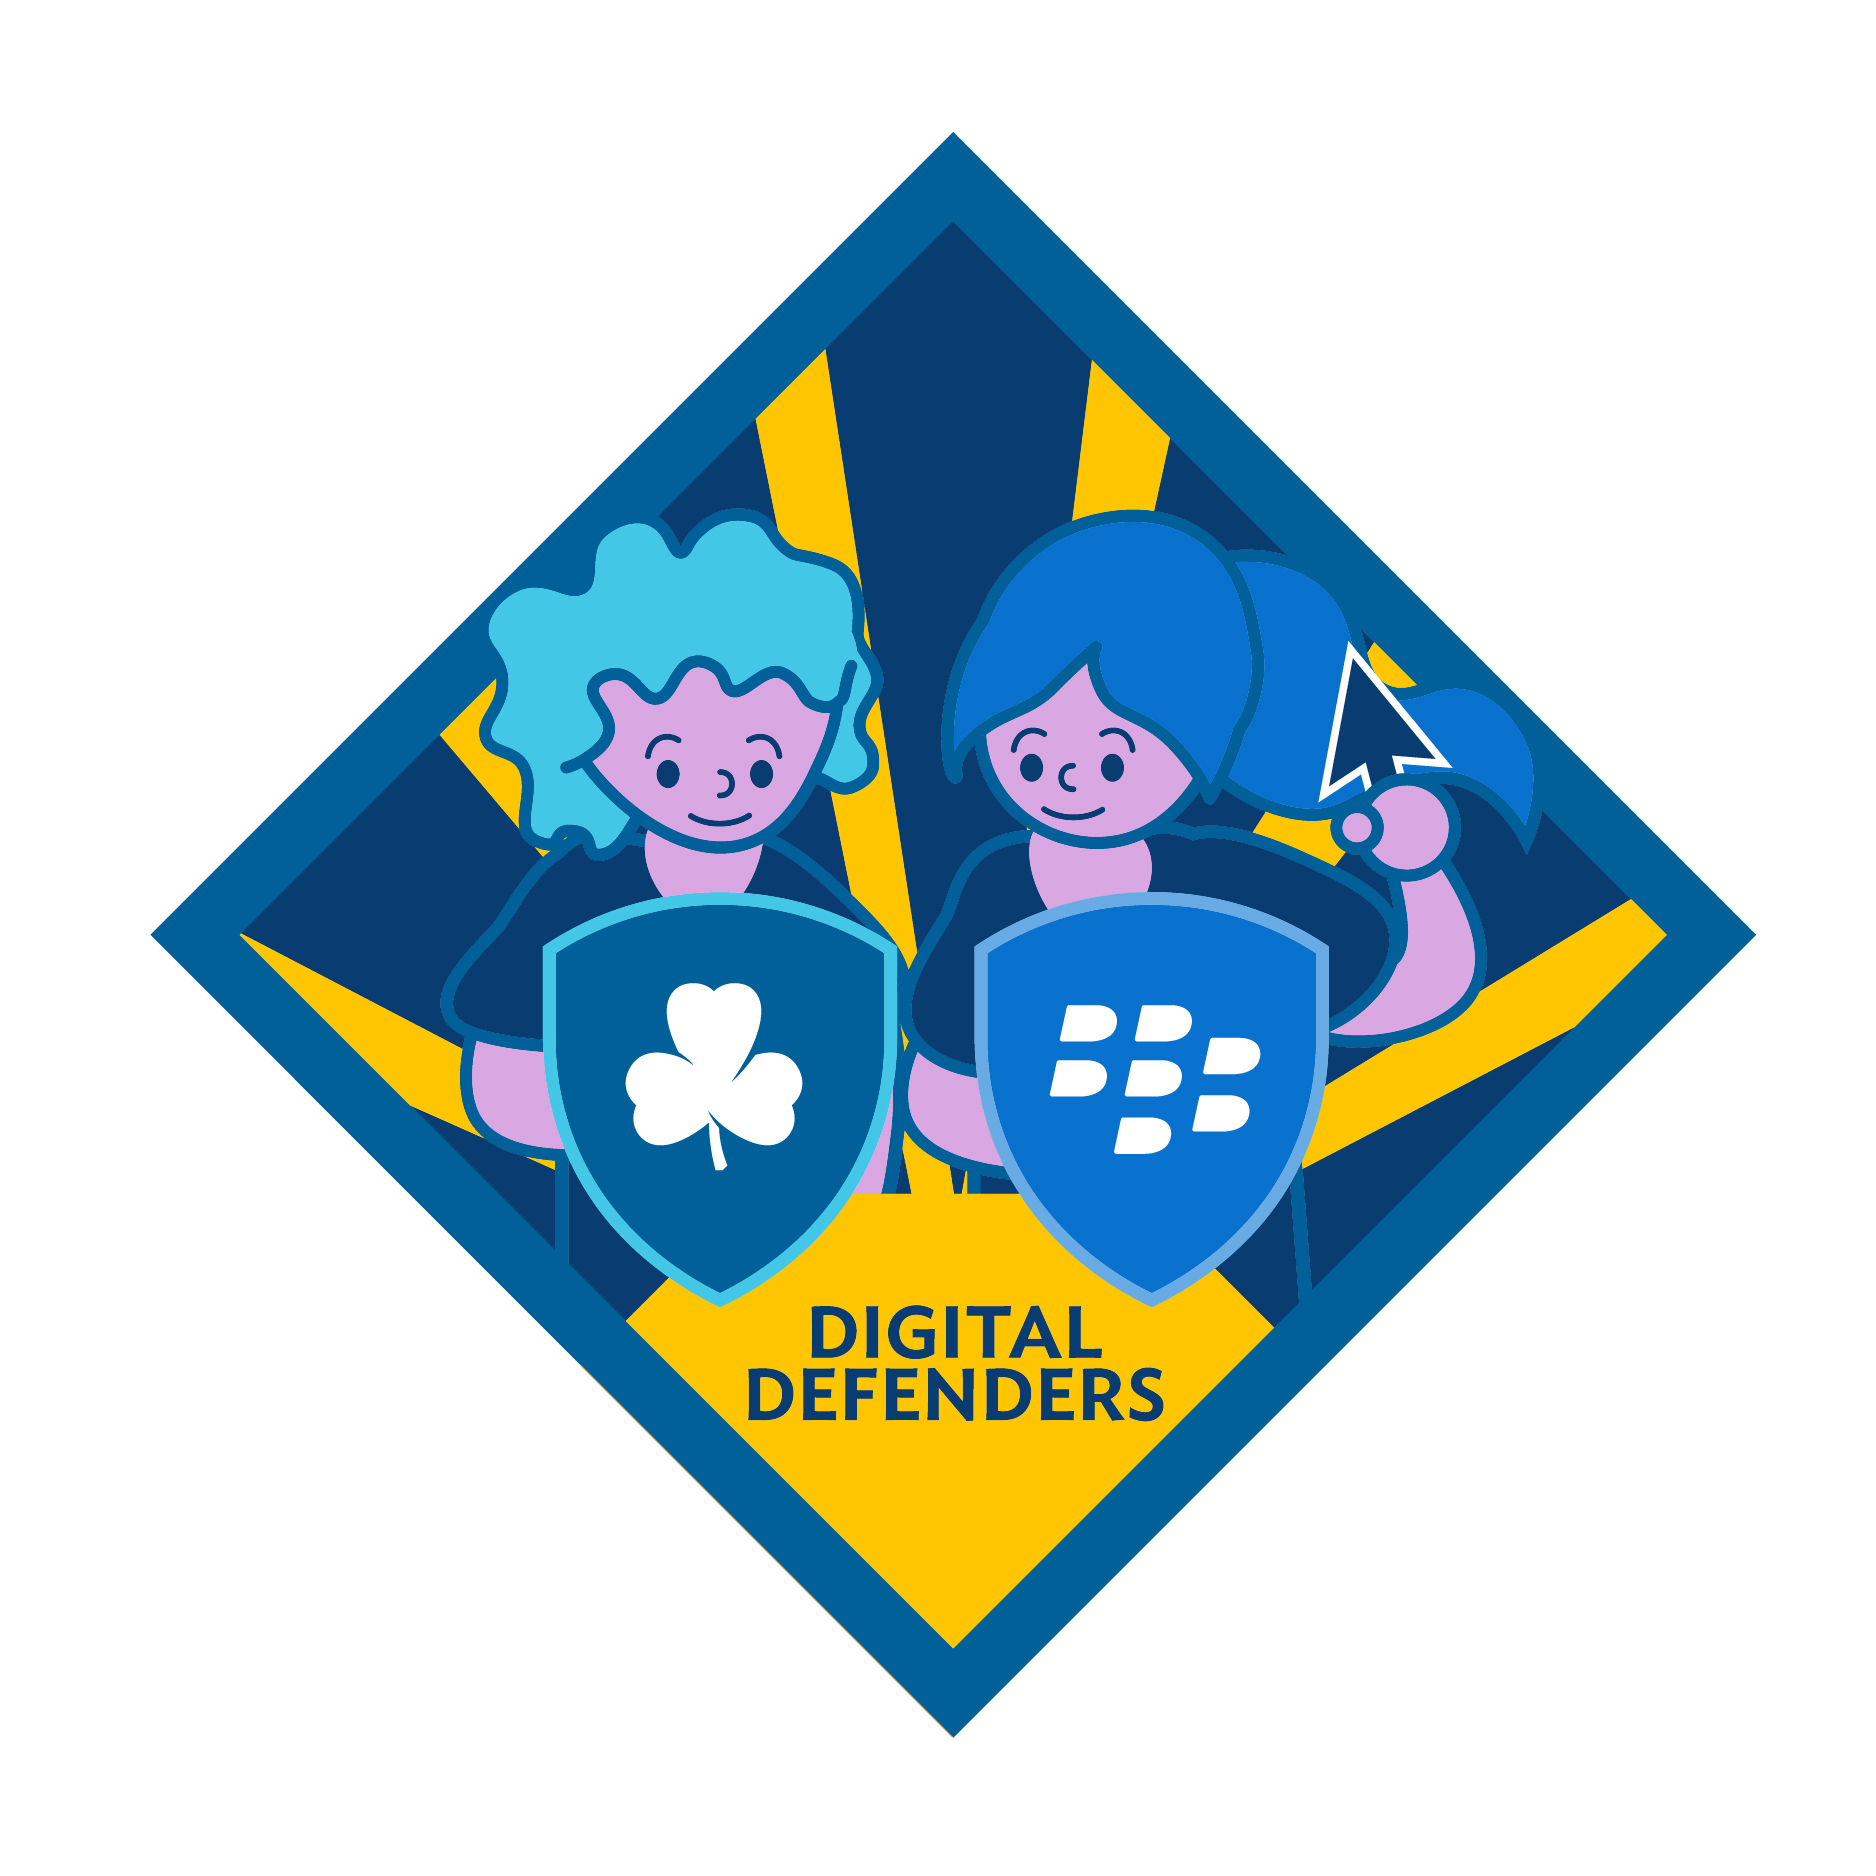 Digital Defenders Badge